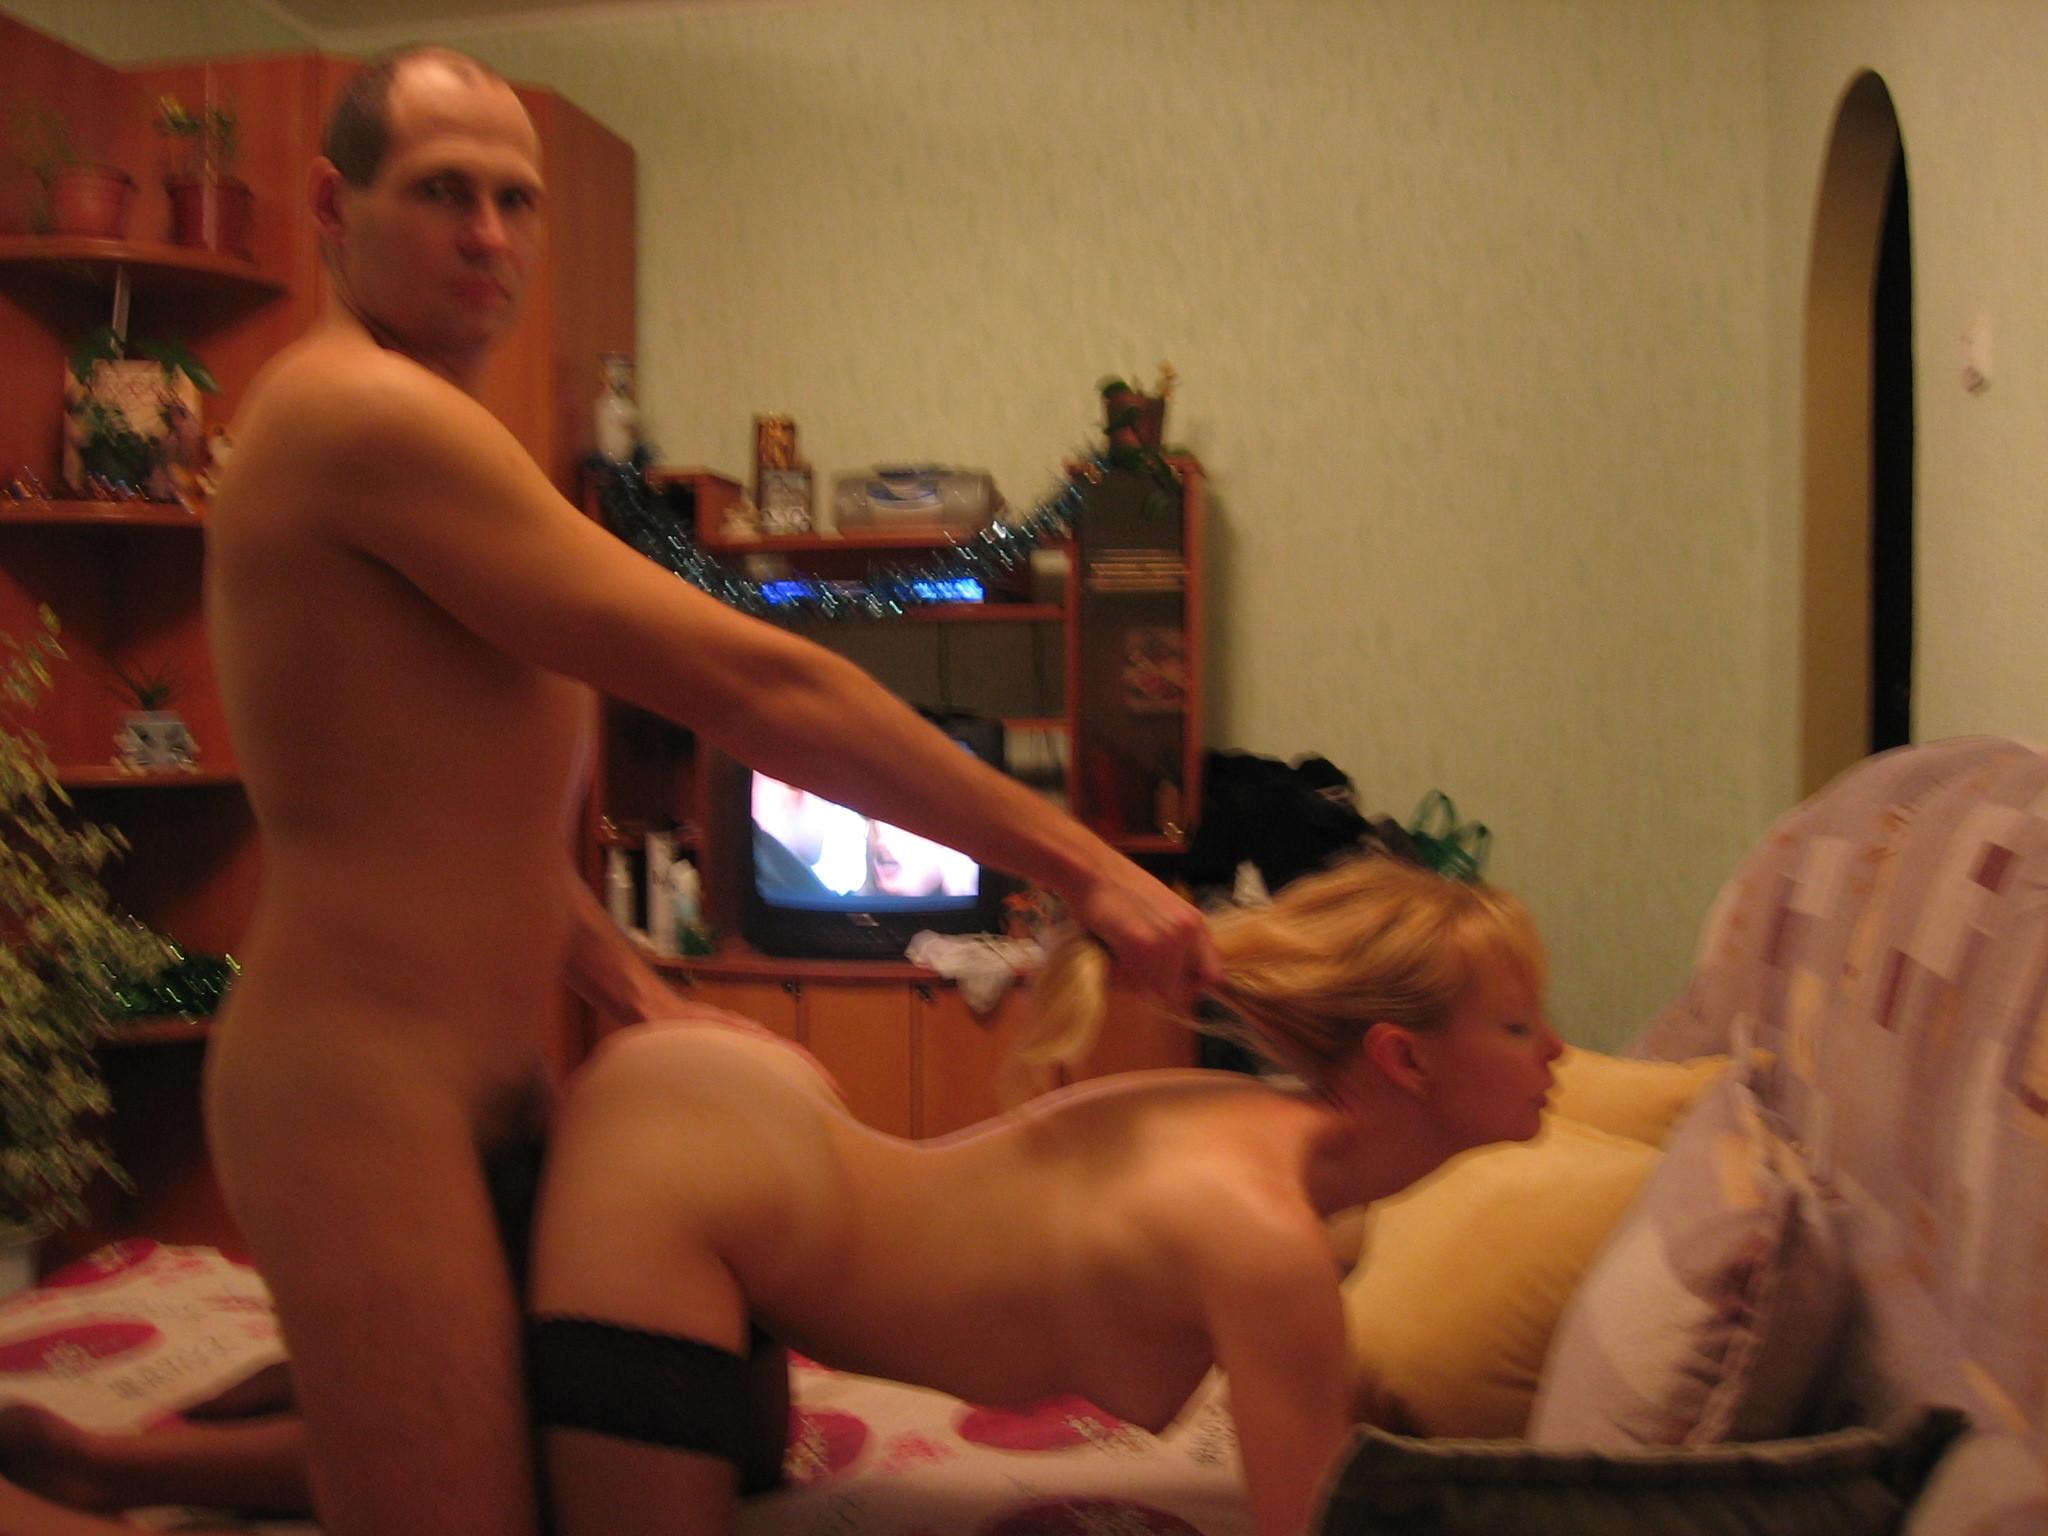 Взял жену сзади с другом, пьяные в хлам женщины скрытая камера